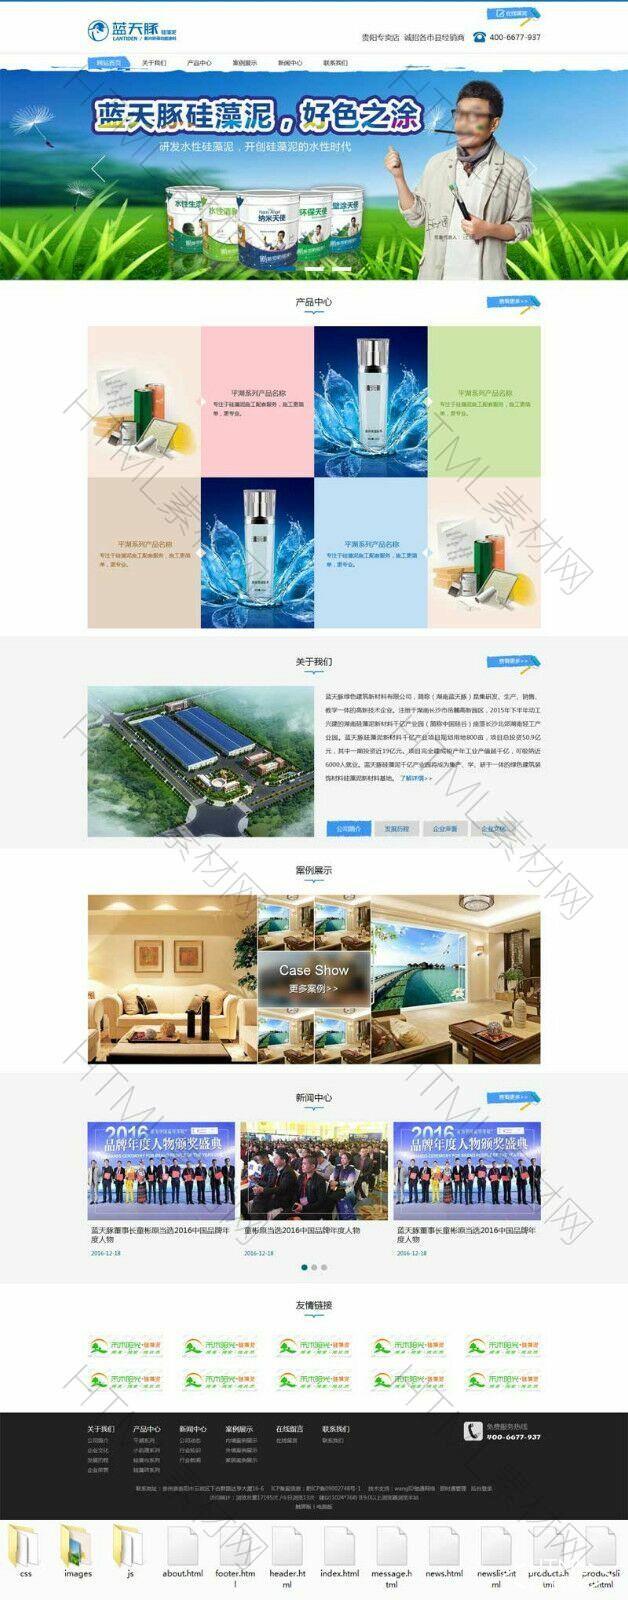 蓝色的建筑材料公司网页模板.jpg